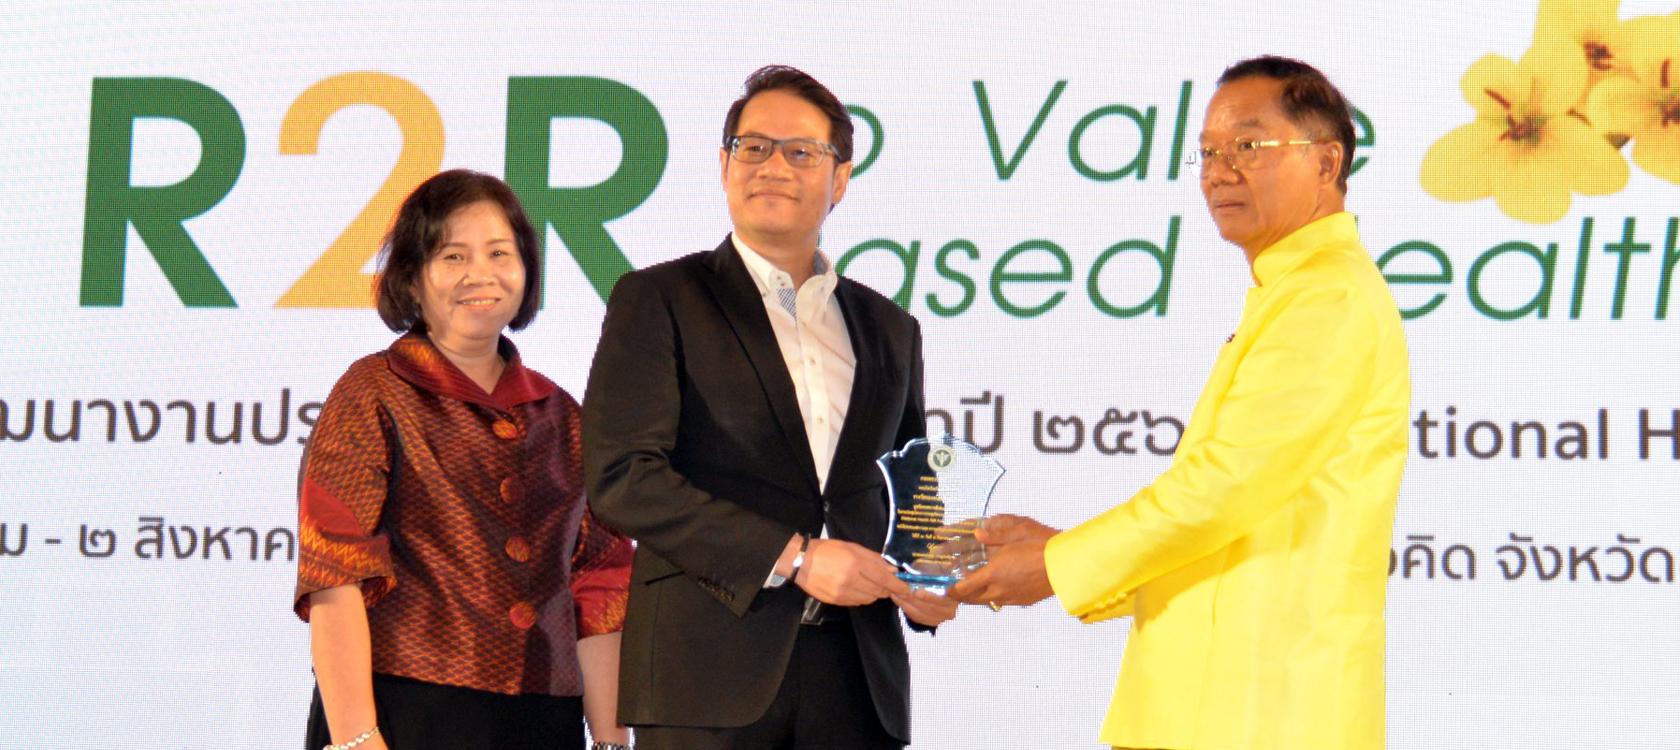 จิตเวชขอนแก่น รับรางวัลบูธนิทรรศการดีเด่นในนามกรมสุขภาพจิต งานประชุมวิชาการ National Health R2R Forum  2562